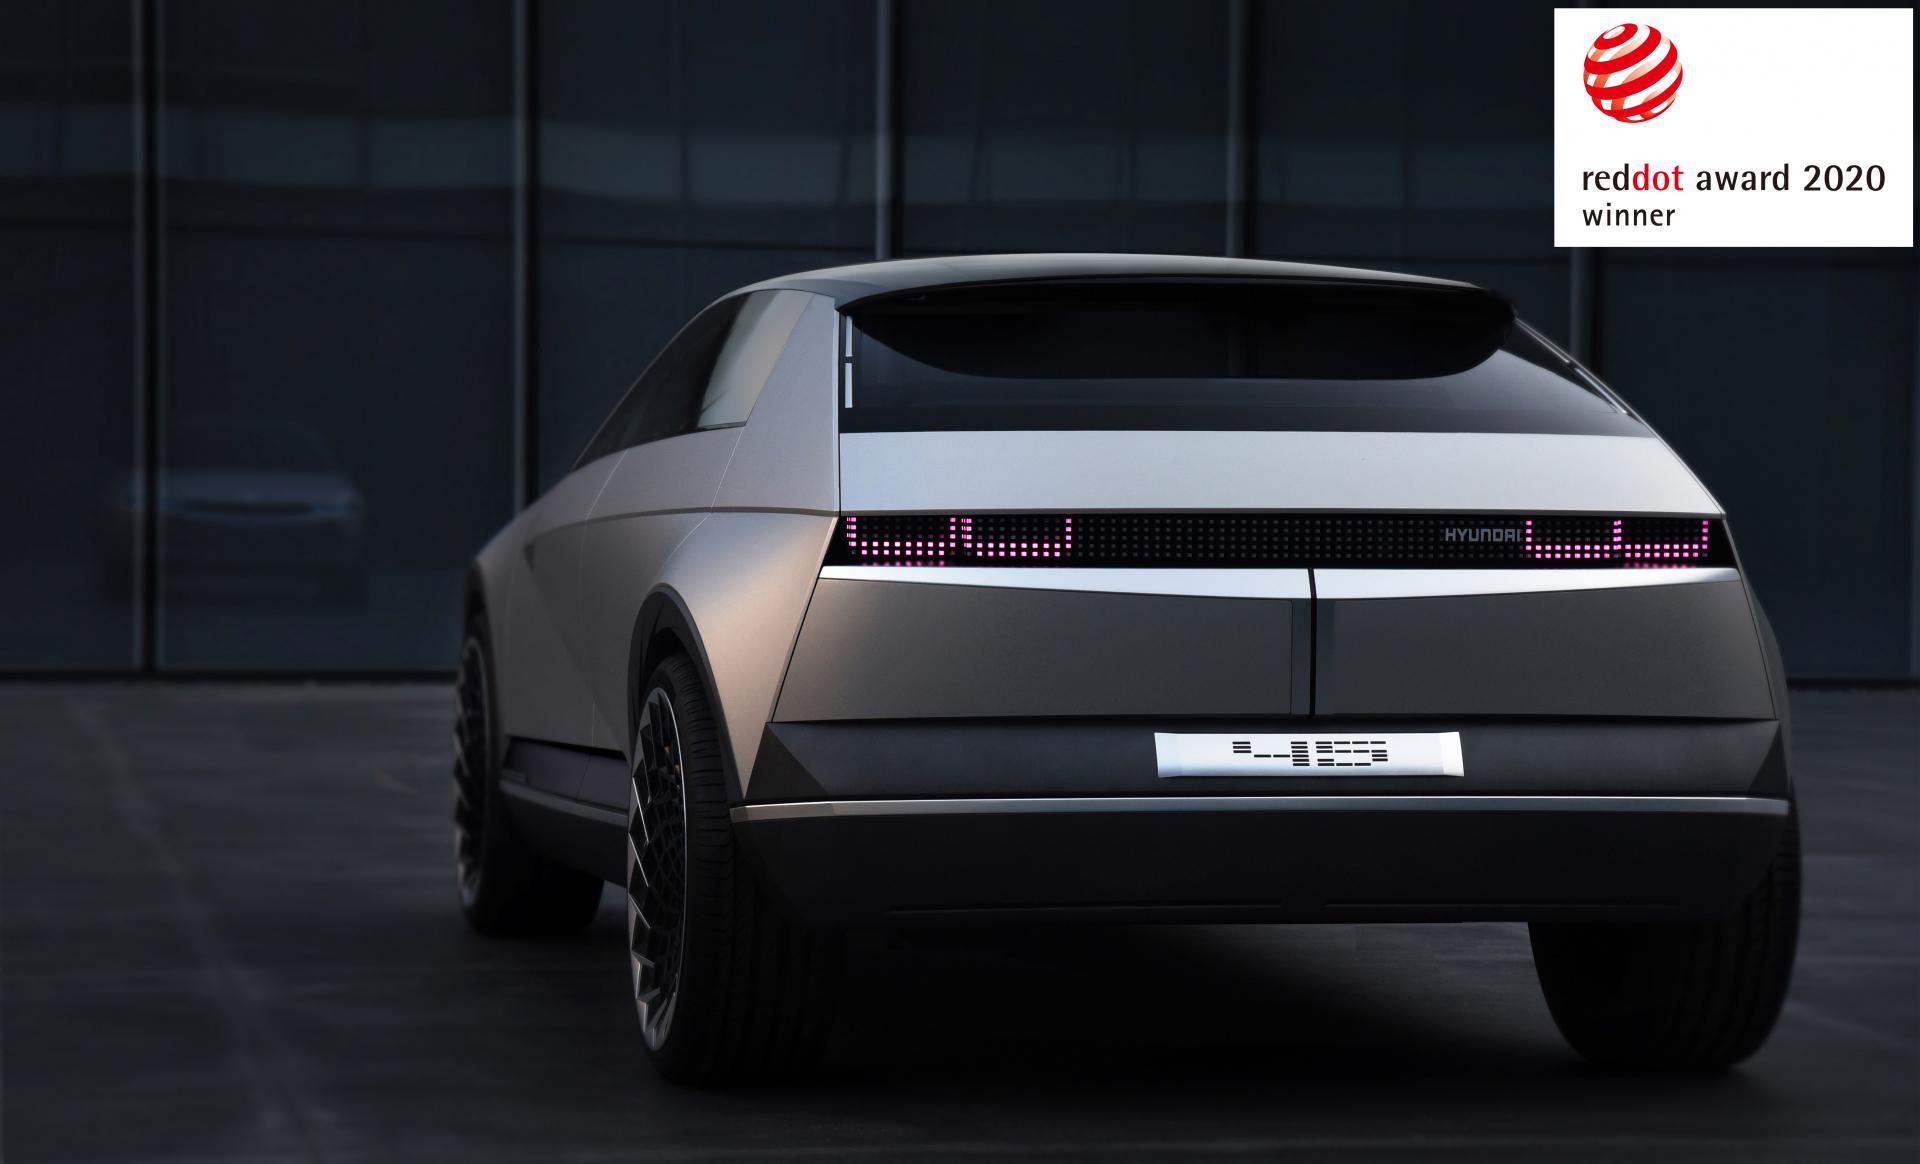 Компанія Hyundai Motor отримала три нагороди Red Dot Award 2020 за концептуальний дизайн | Базис-Авто - фото 10